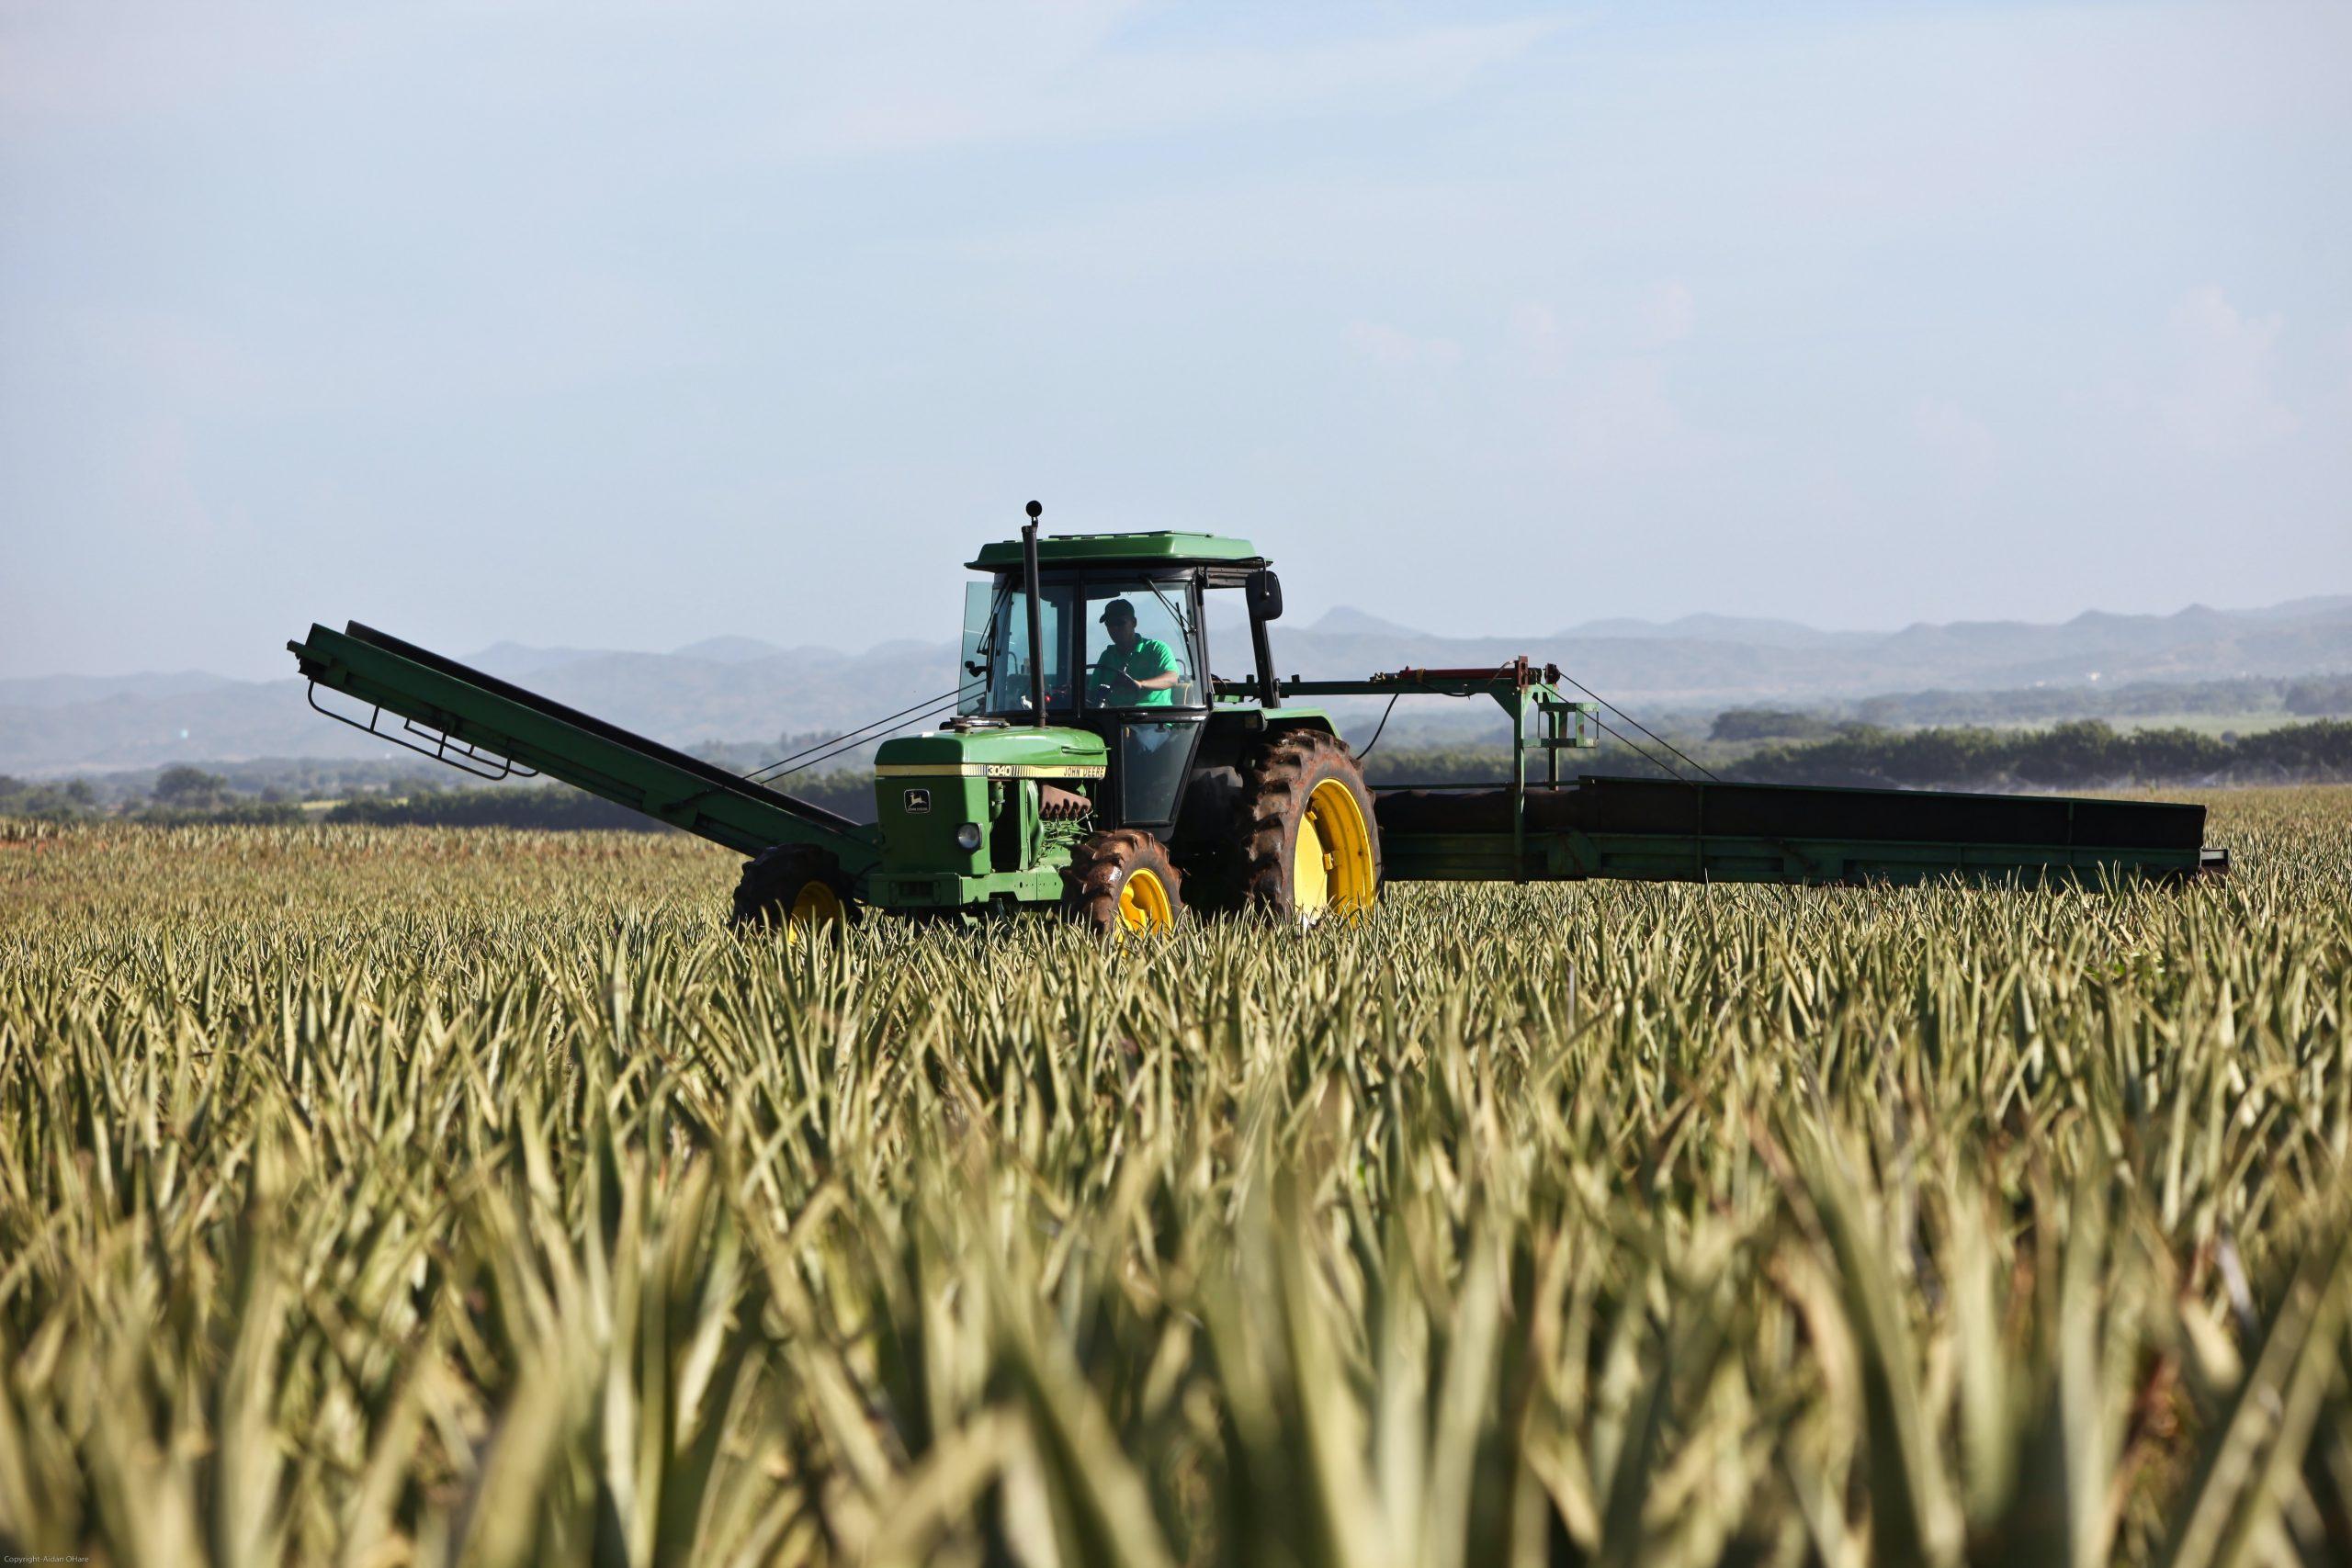 Wanneer kiezen we voor landbouw die oplossingen biedt in plaats van problemen veroorzaakt?